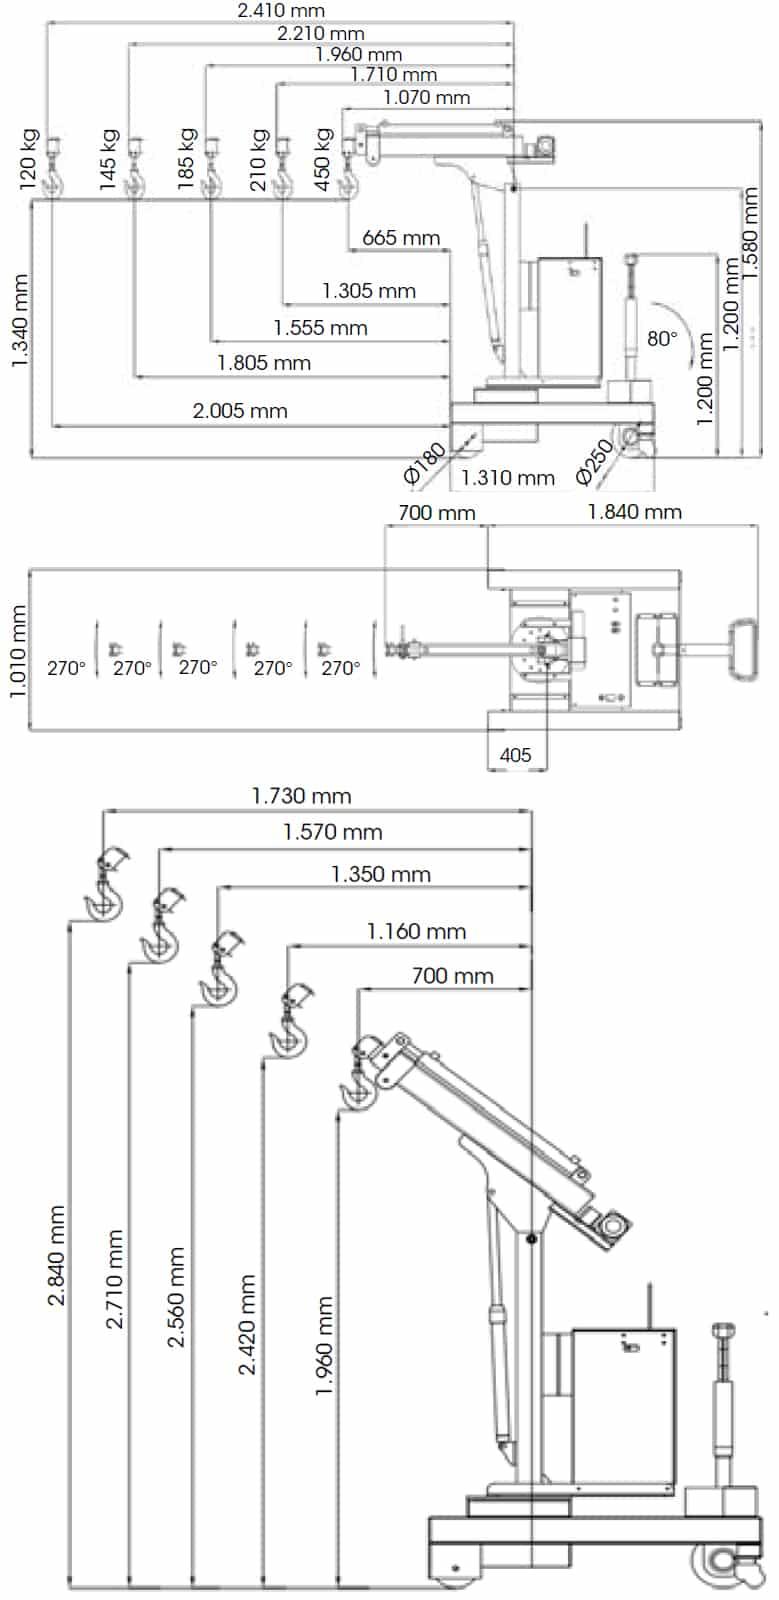 электрические и полуэлектрические мини-краны грузоподъемностью до 450кг.